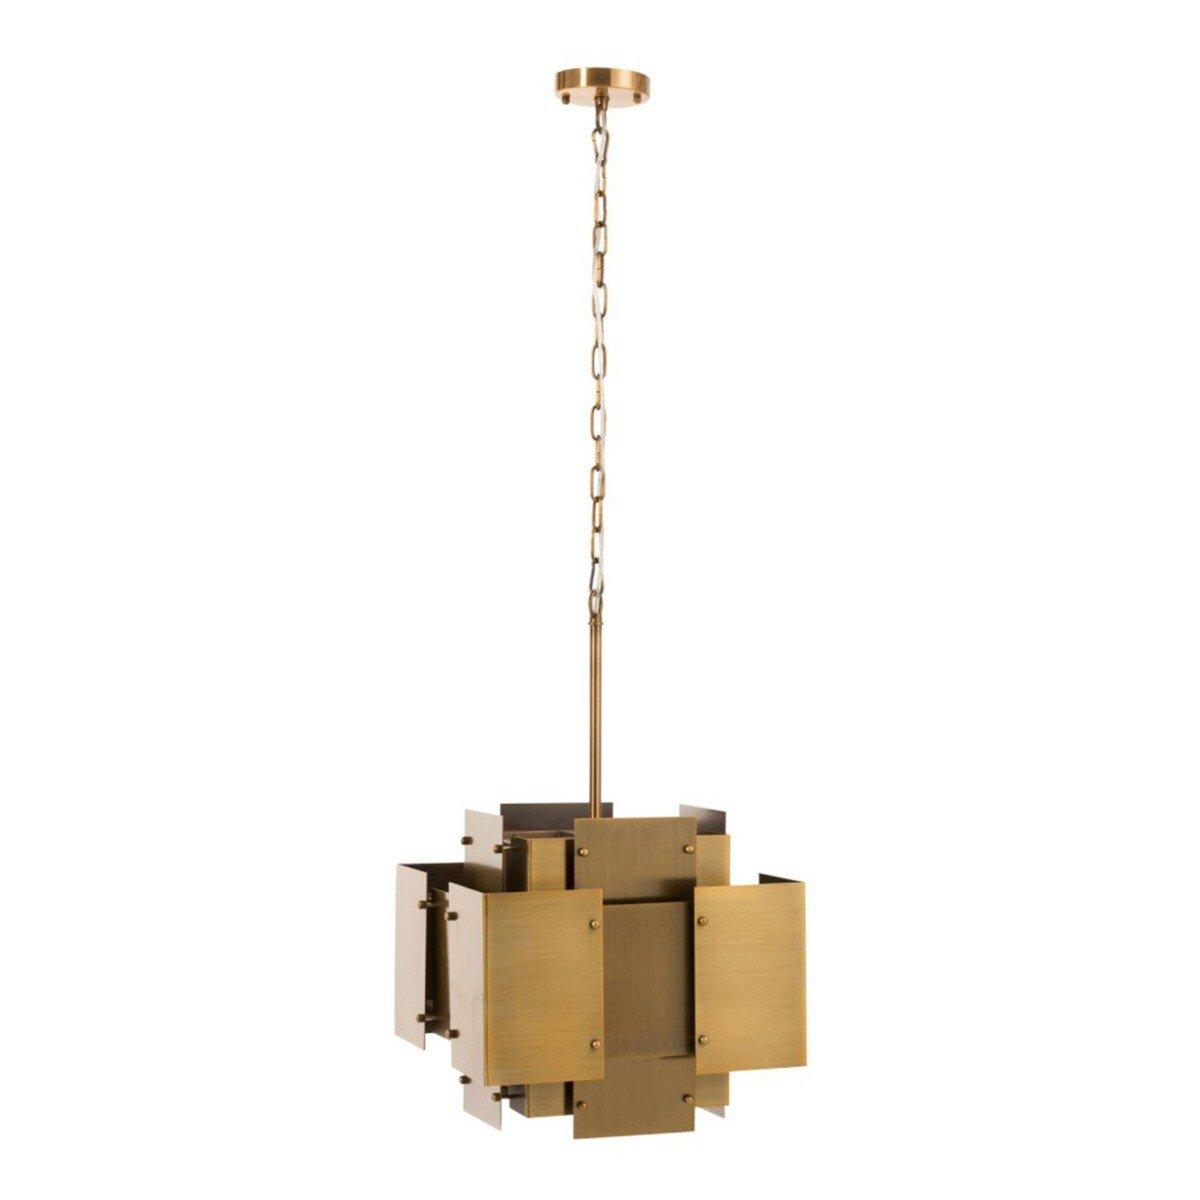 J-Line hanglamp golden air 160 x 40 x 40